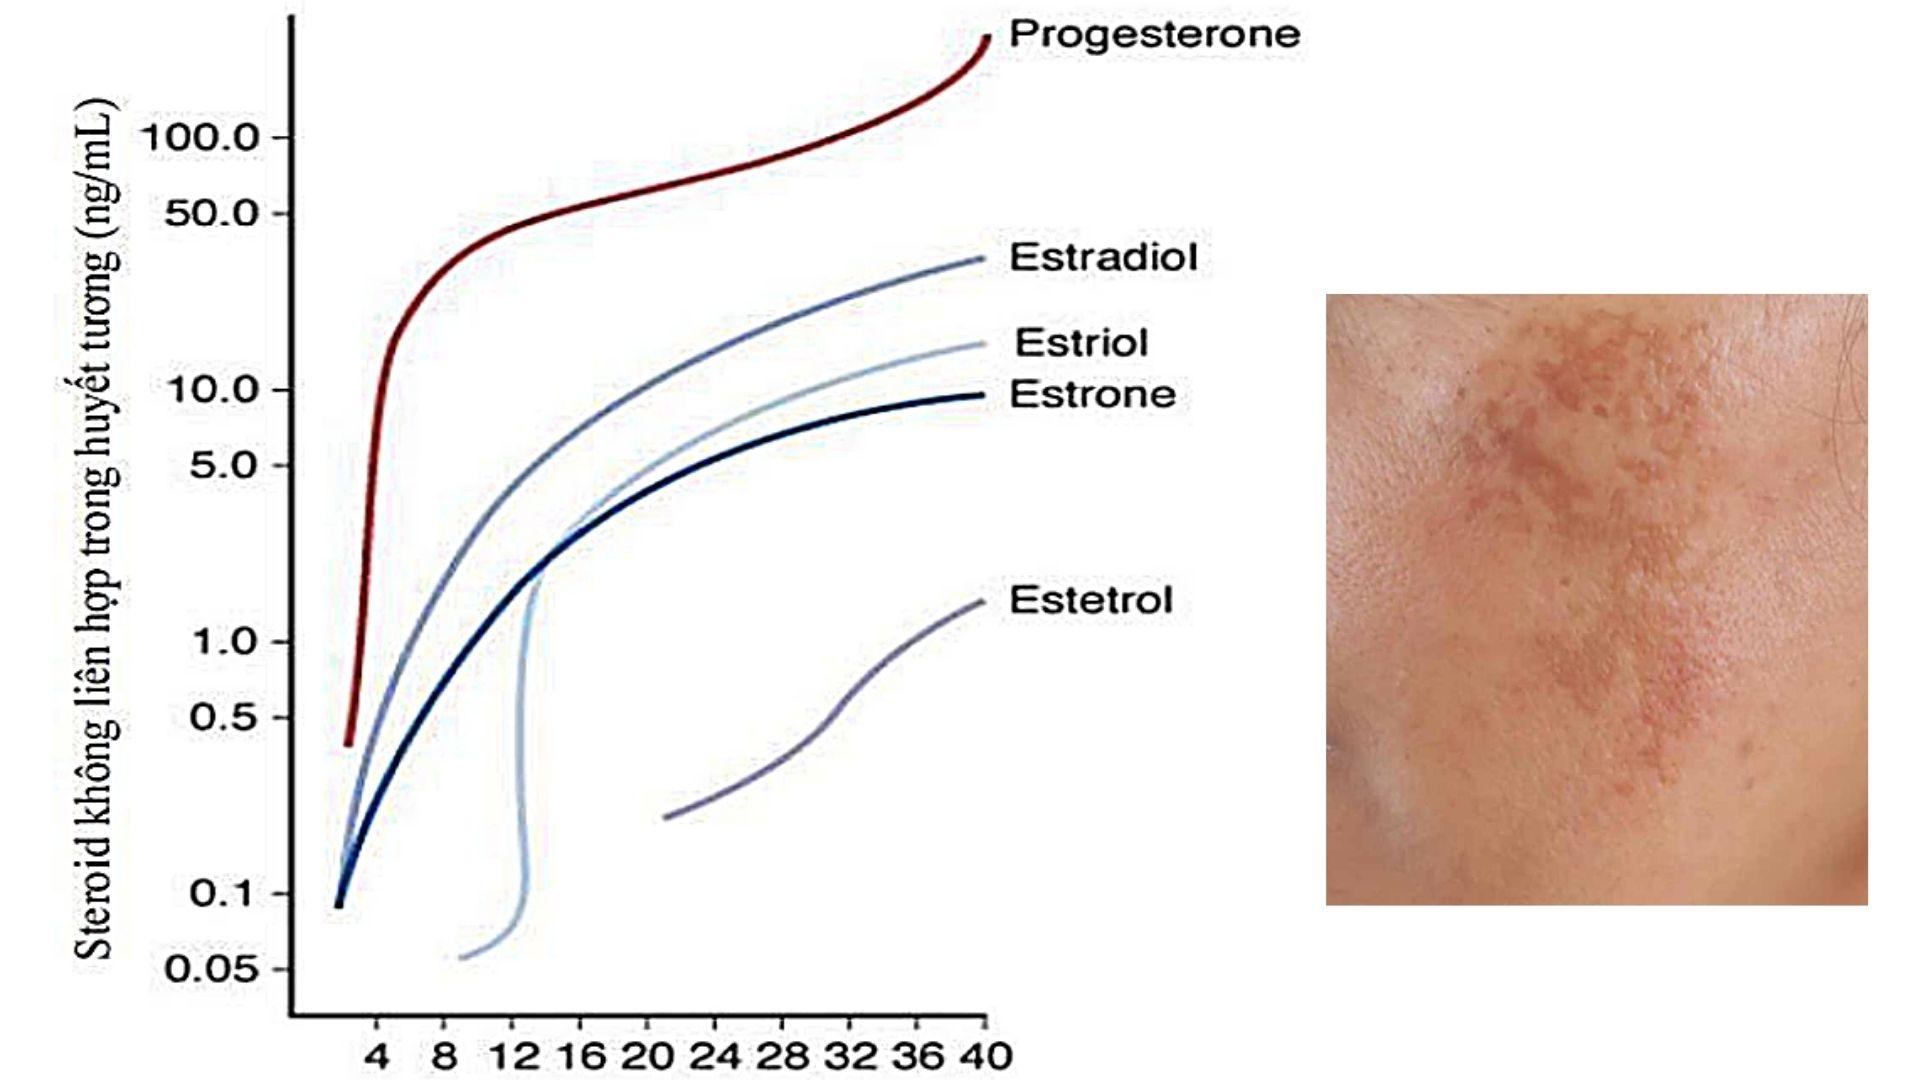 Rám má do tình trạng Progesterone thay đổi liên tục